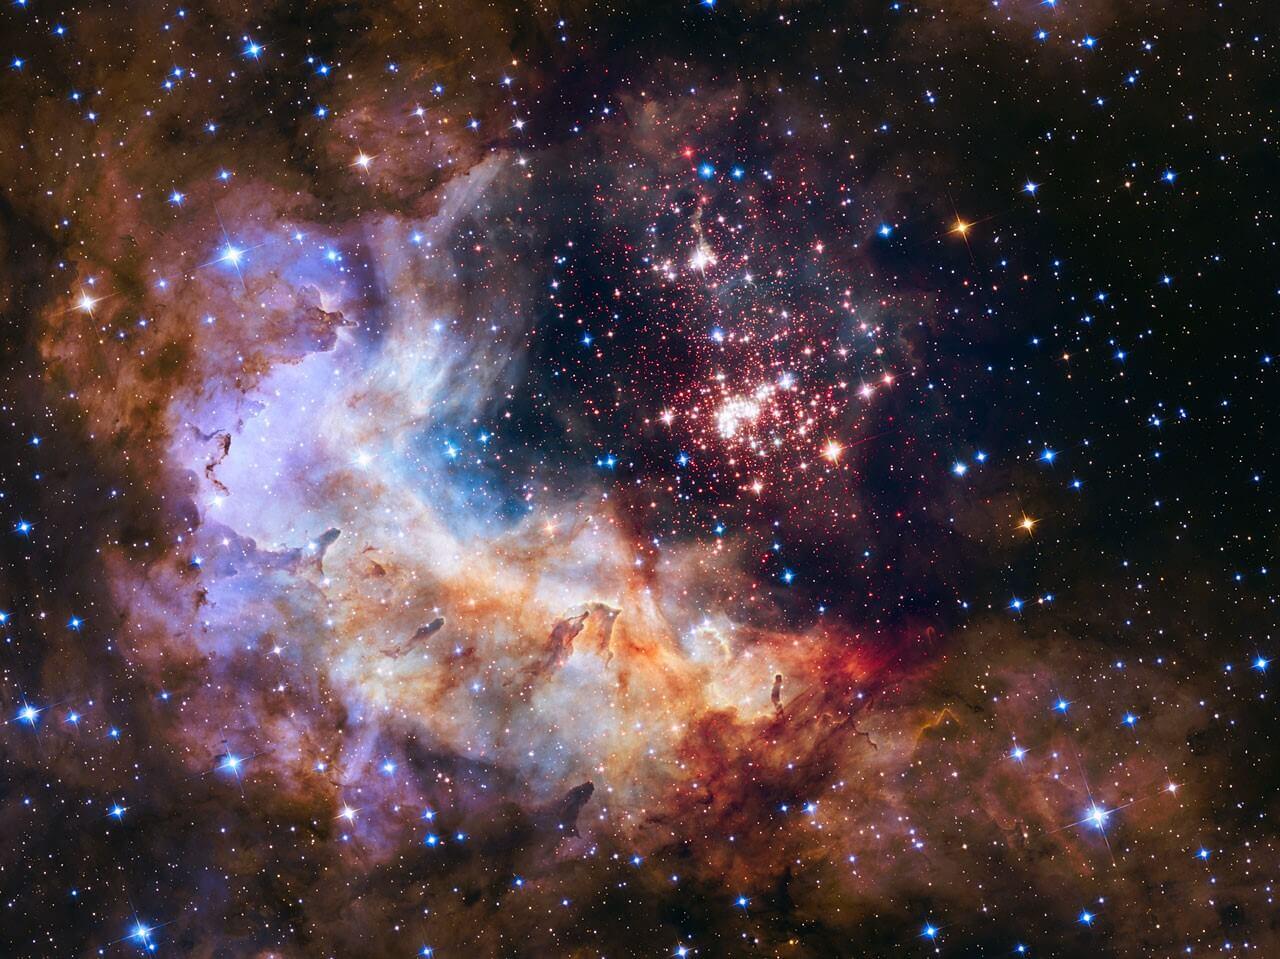 話說宇宙 - 恆星集團